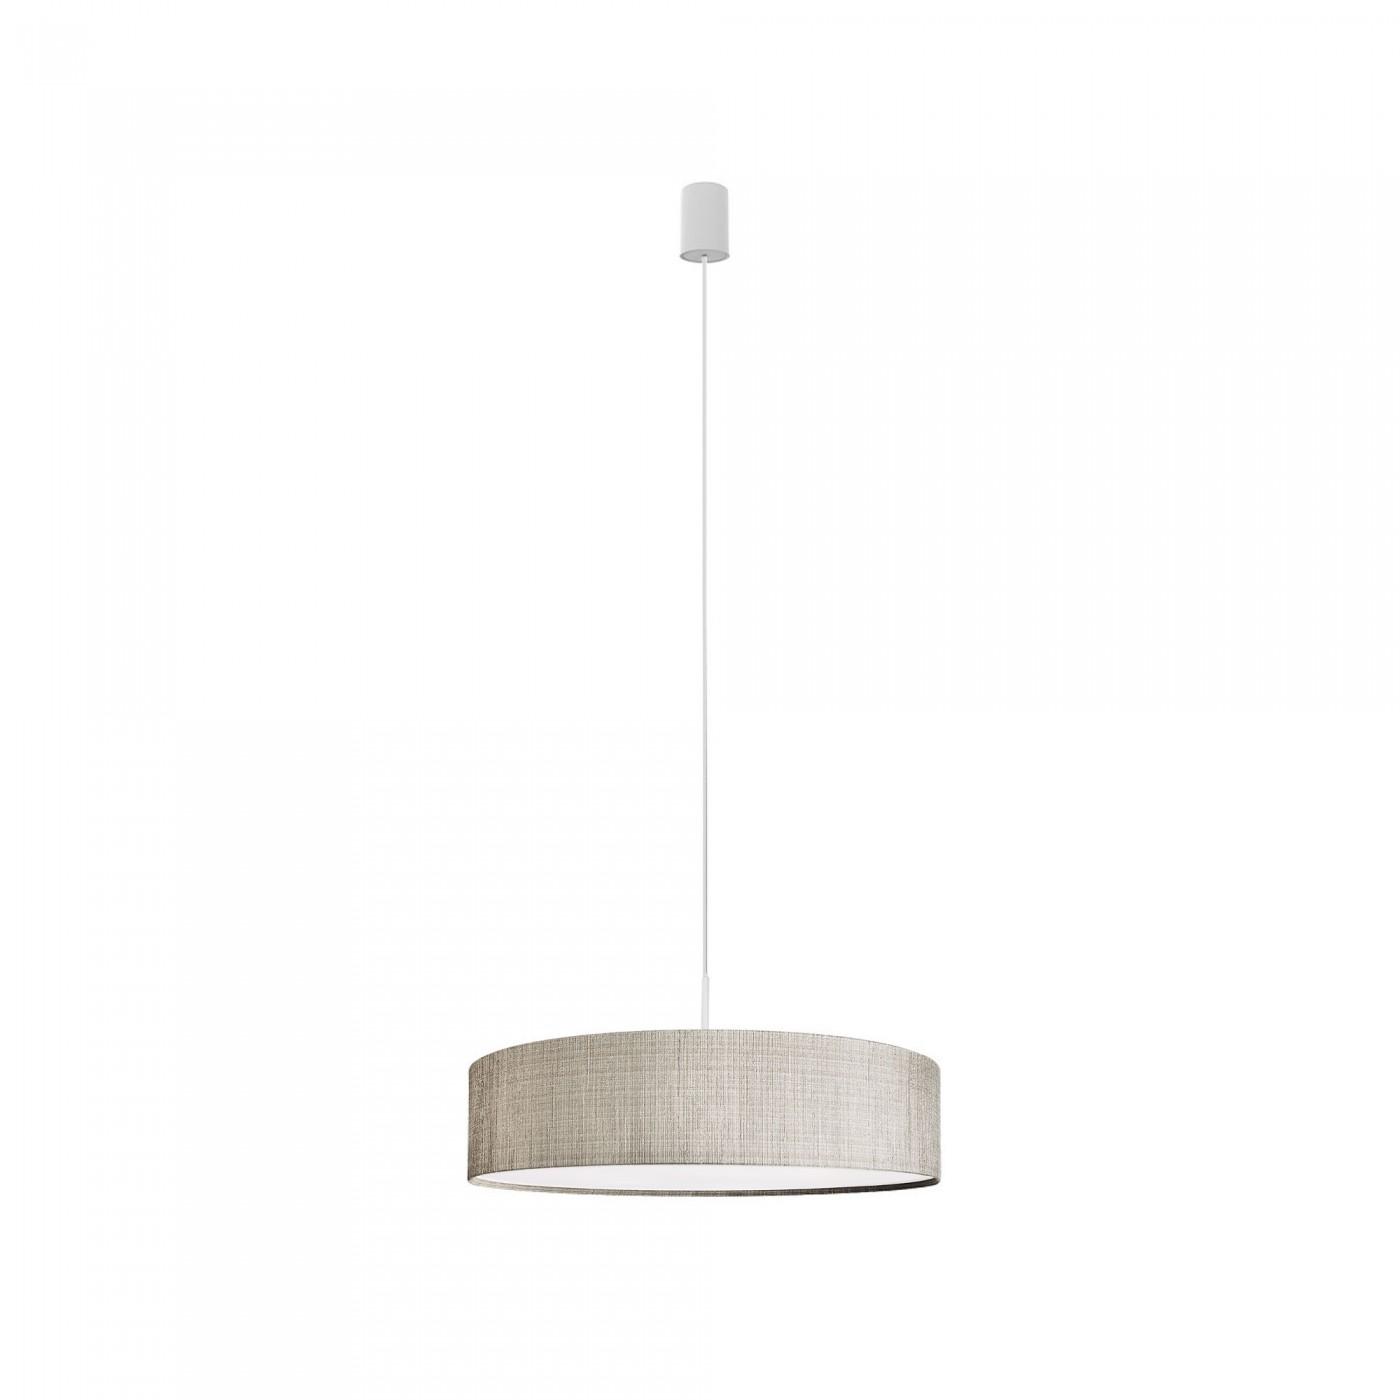 TURDA ⌀50  8946 Nowodvorski Lighting